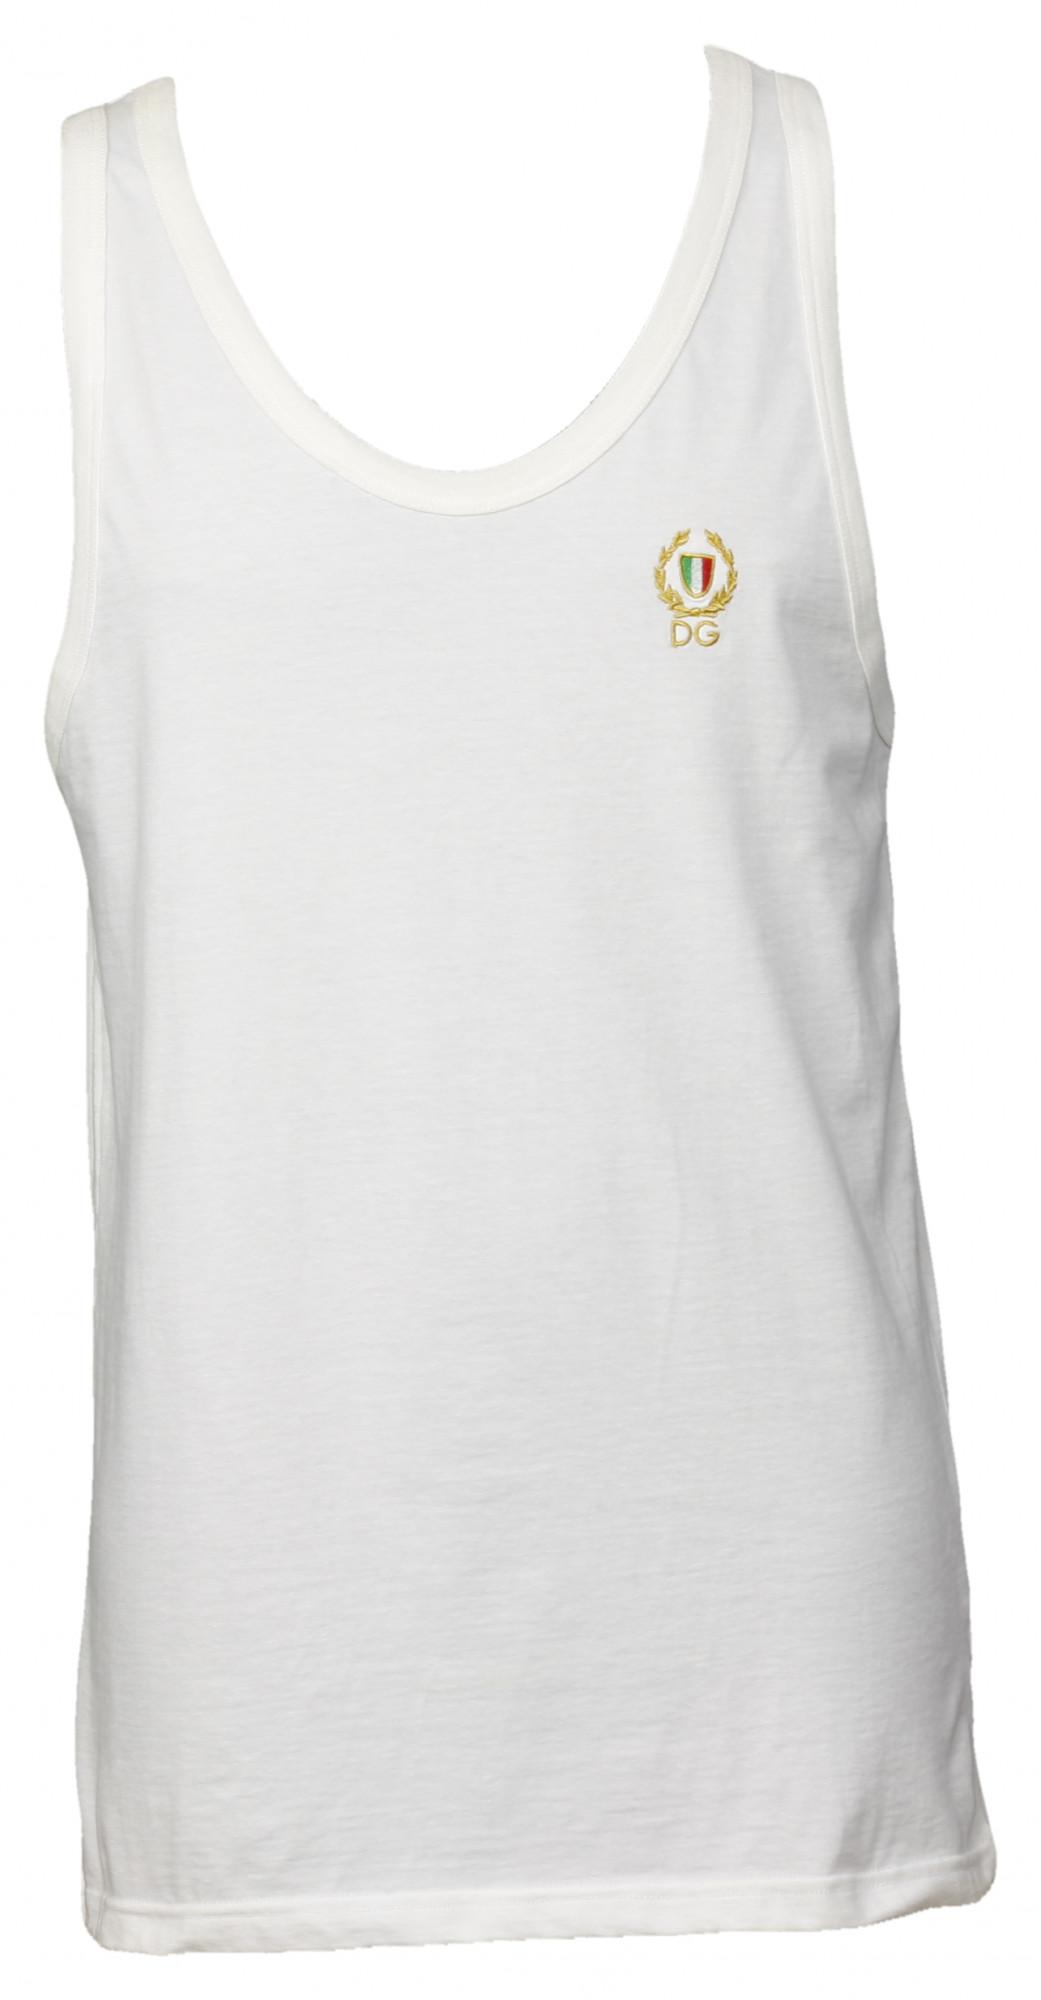 Pánské tílko M10594 - Dolce Gabbana Barva: bílá, Velikost: L